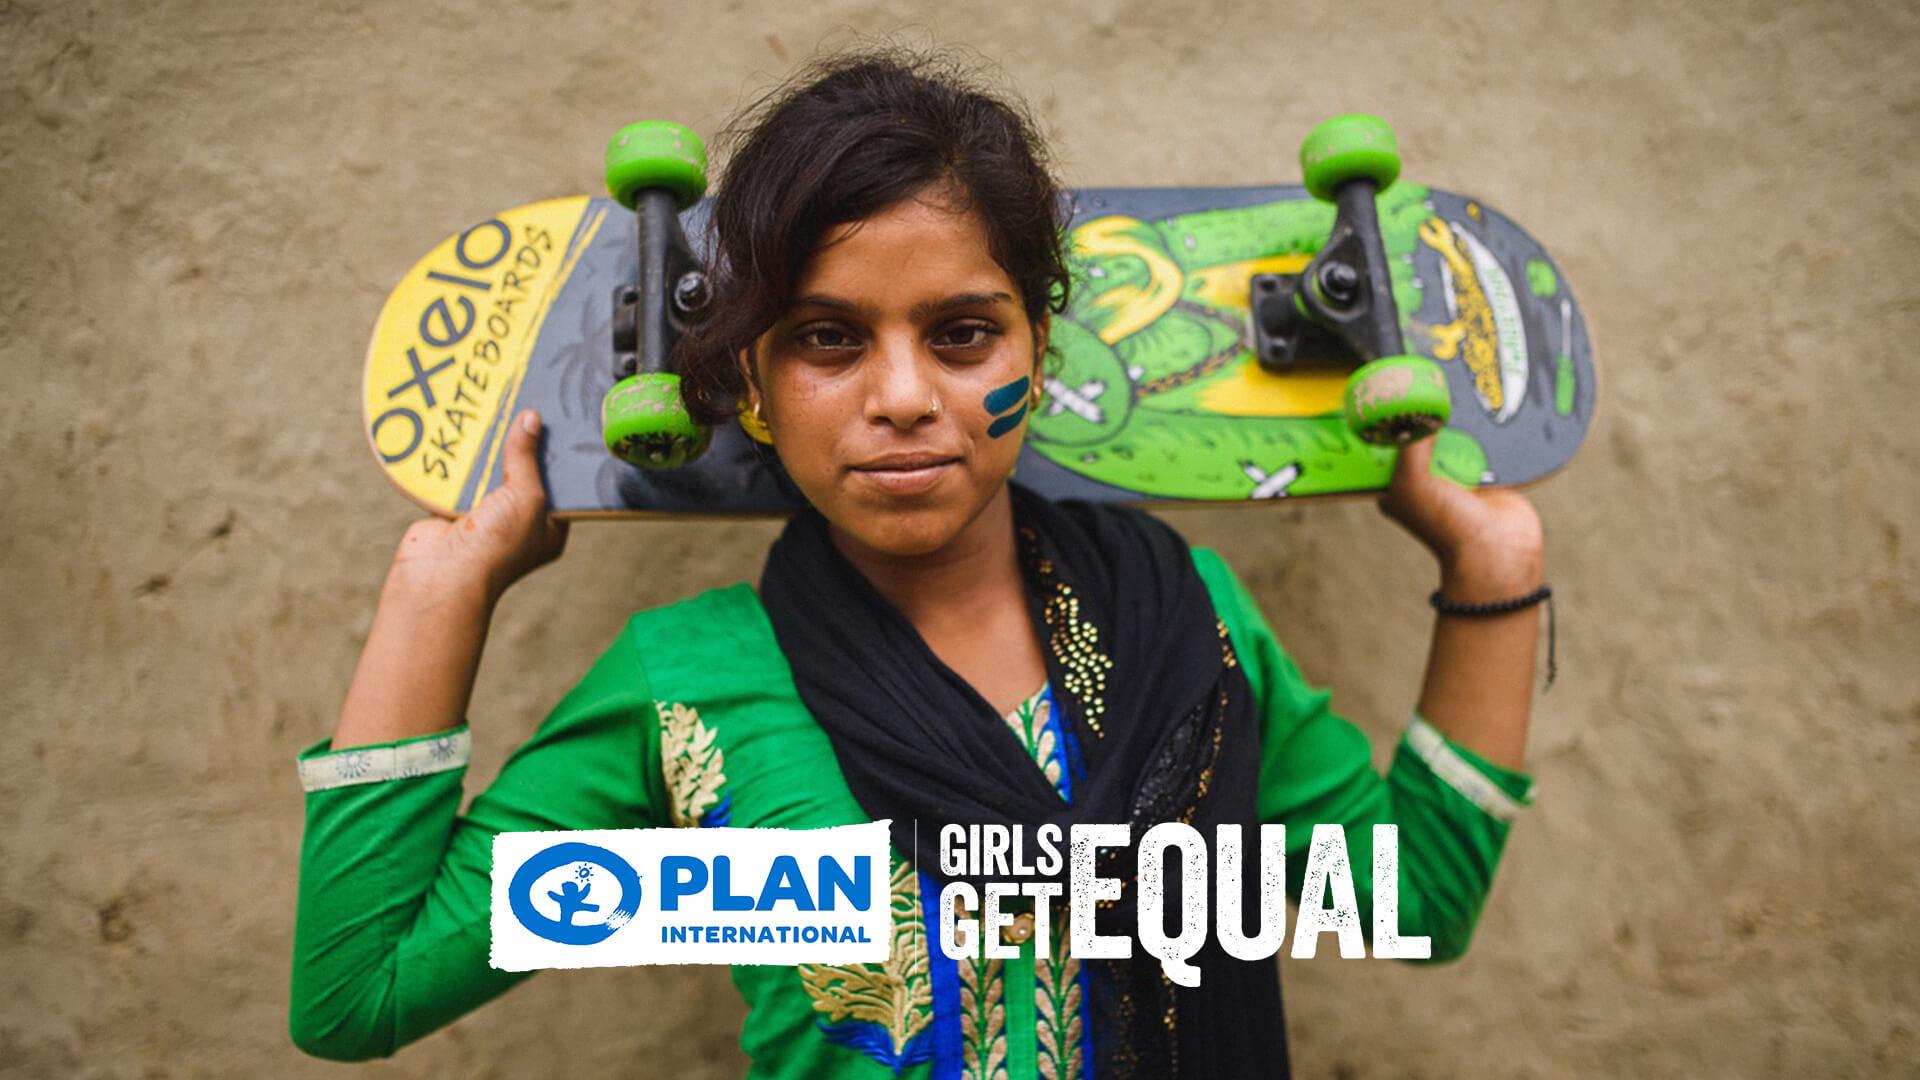 Plan_Girls-Get-Equal_03 (1).jpg